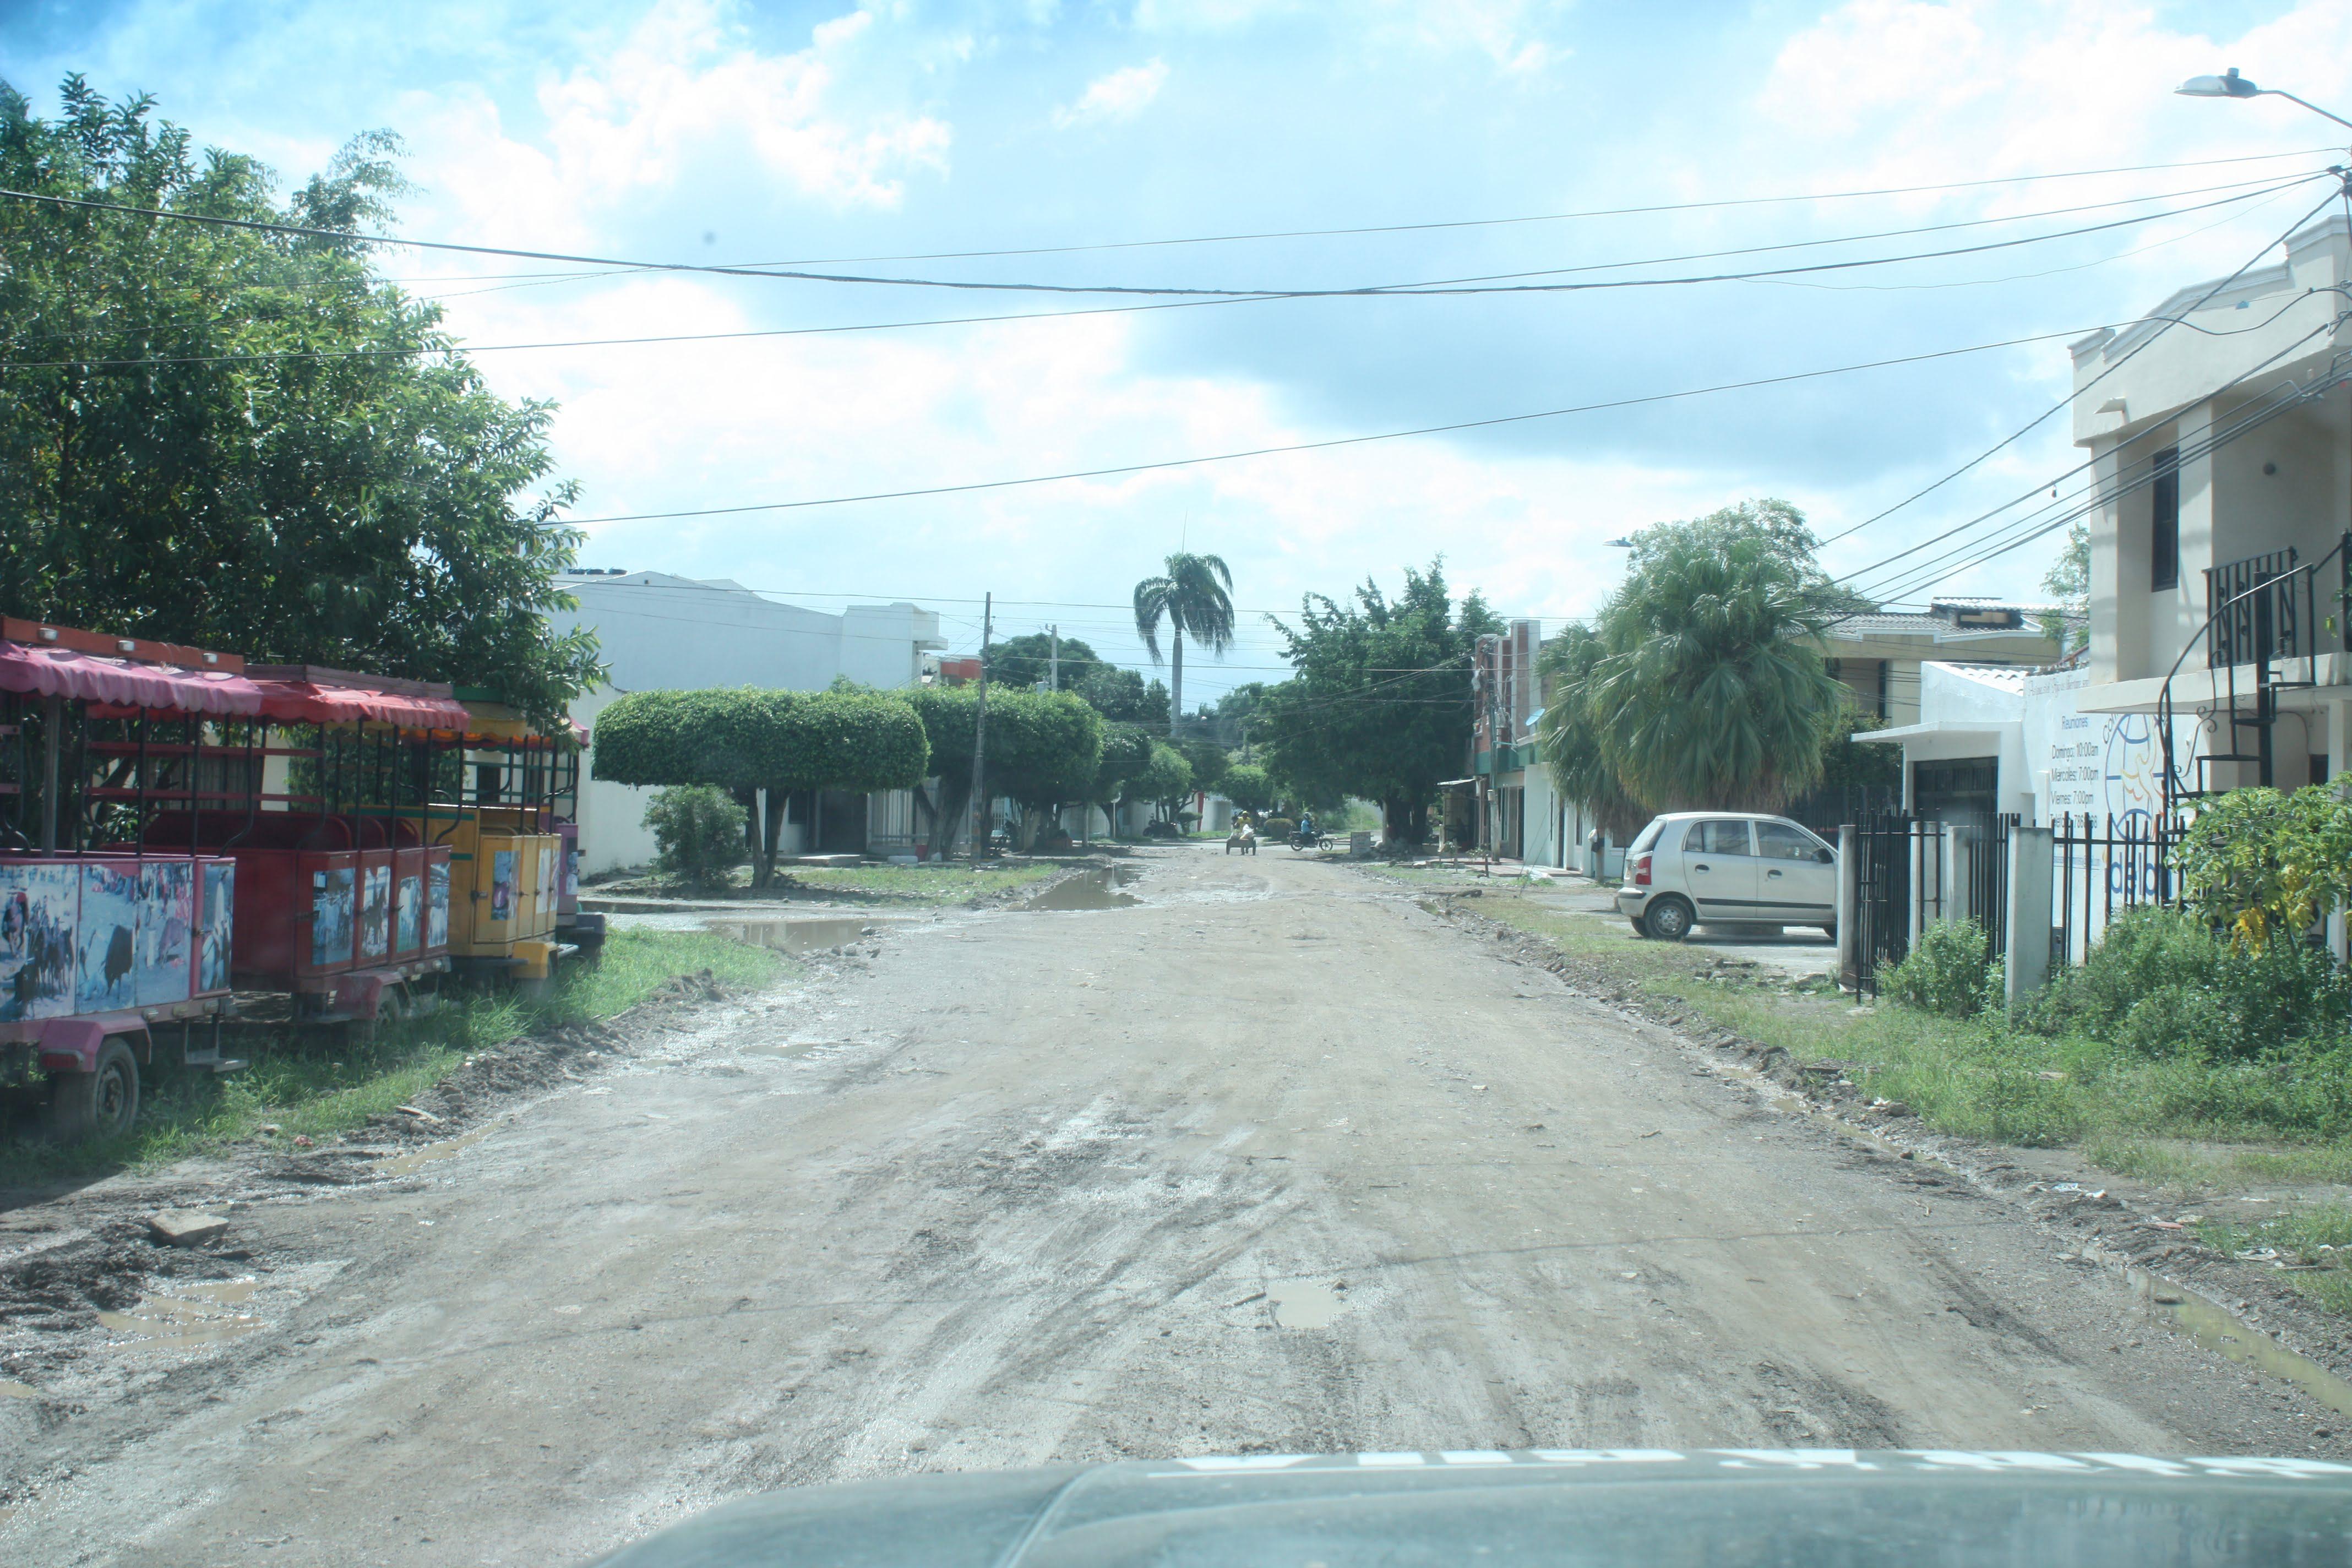 El 5 de Enero se inicia pavimentación en el barrio Buenavista